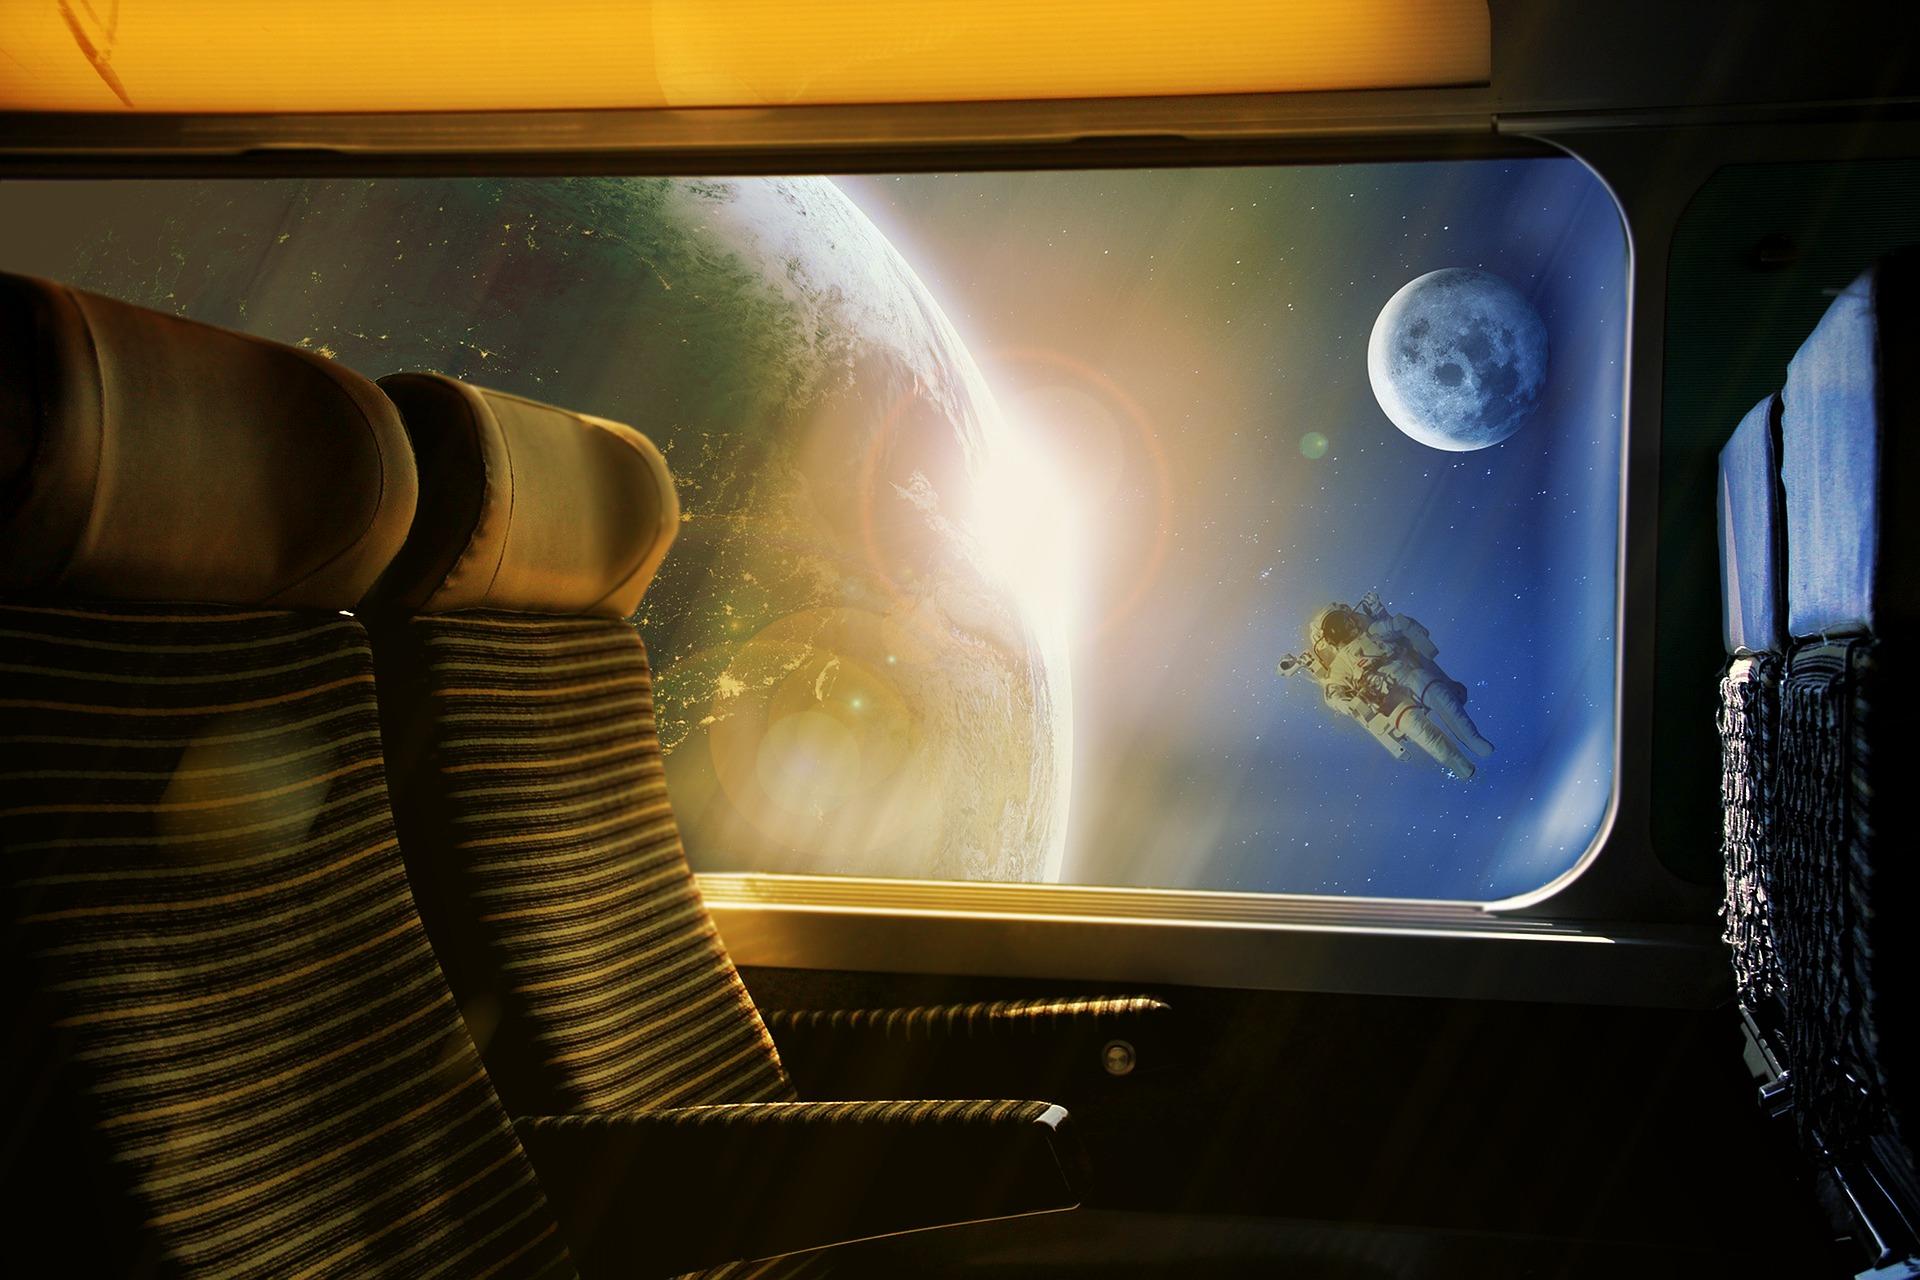 space-4888643_1920.jpg